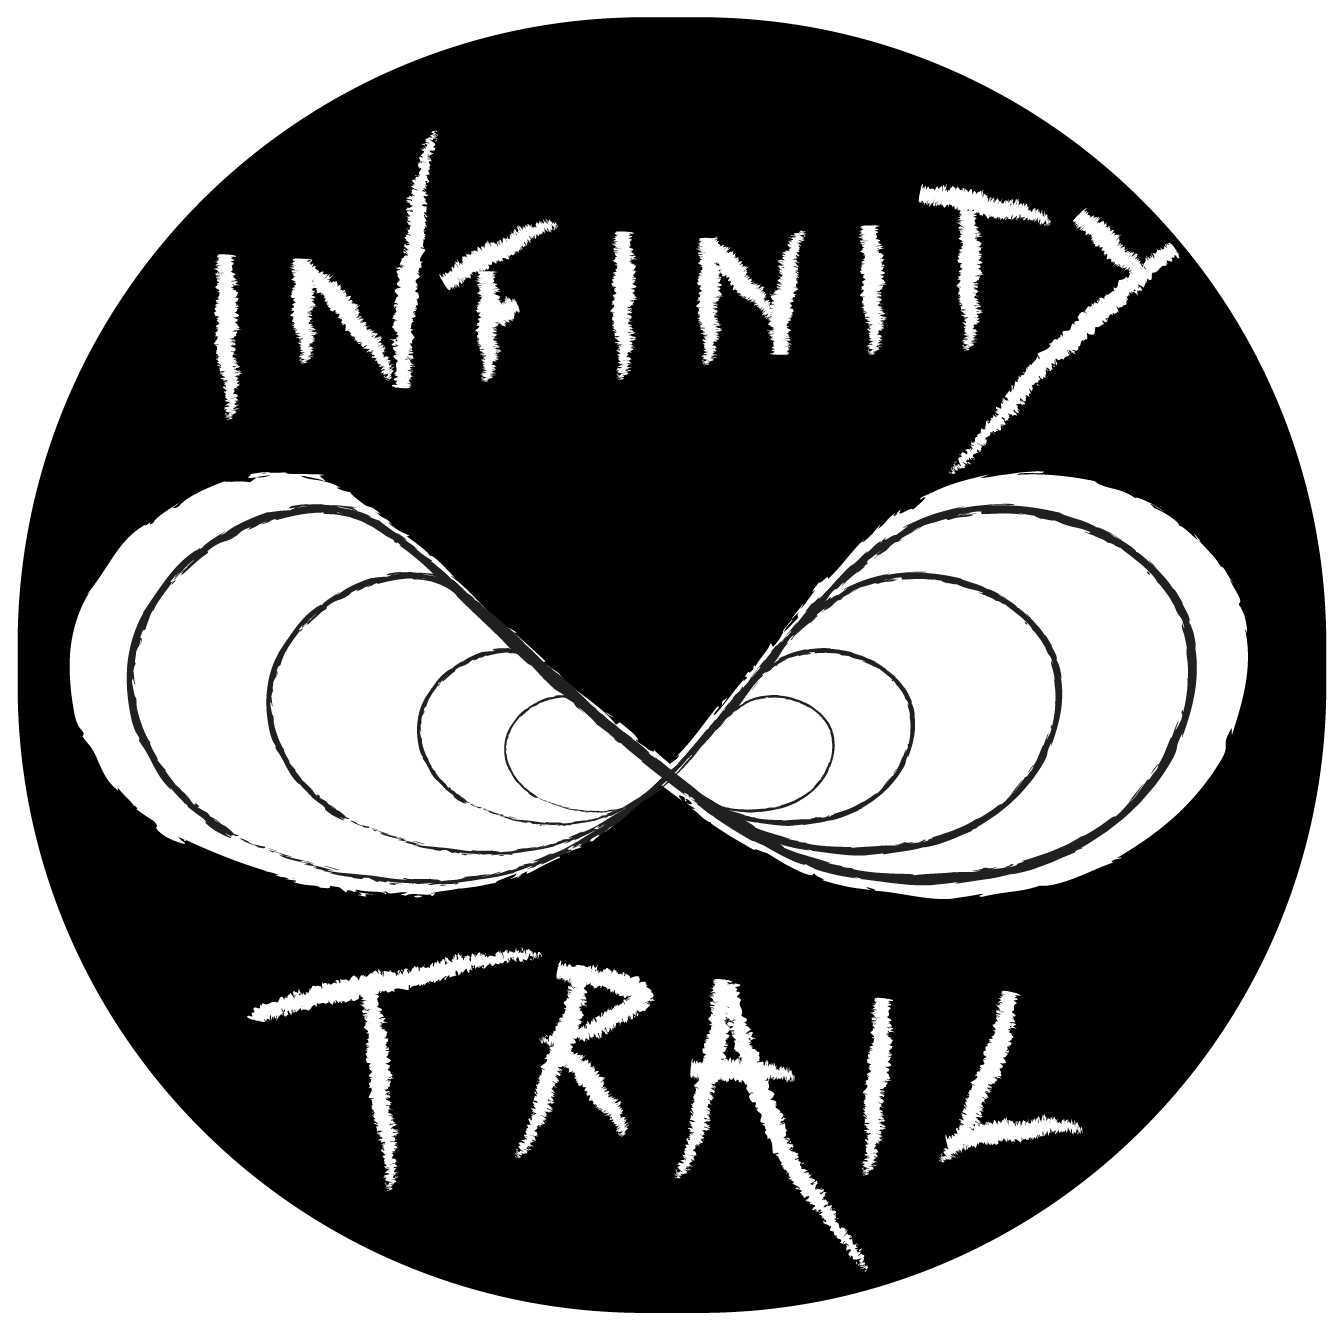 Événements Uniques - Trail The World - Logo Infinity Trail